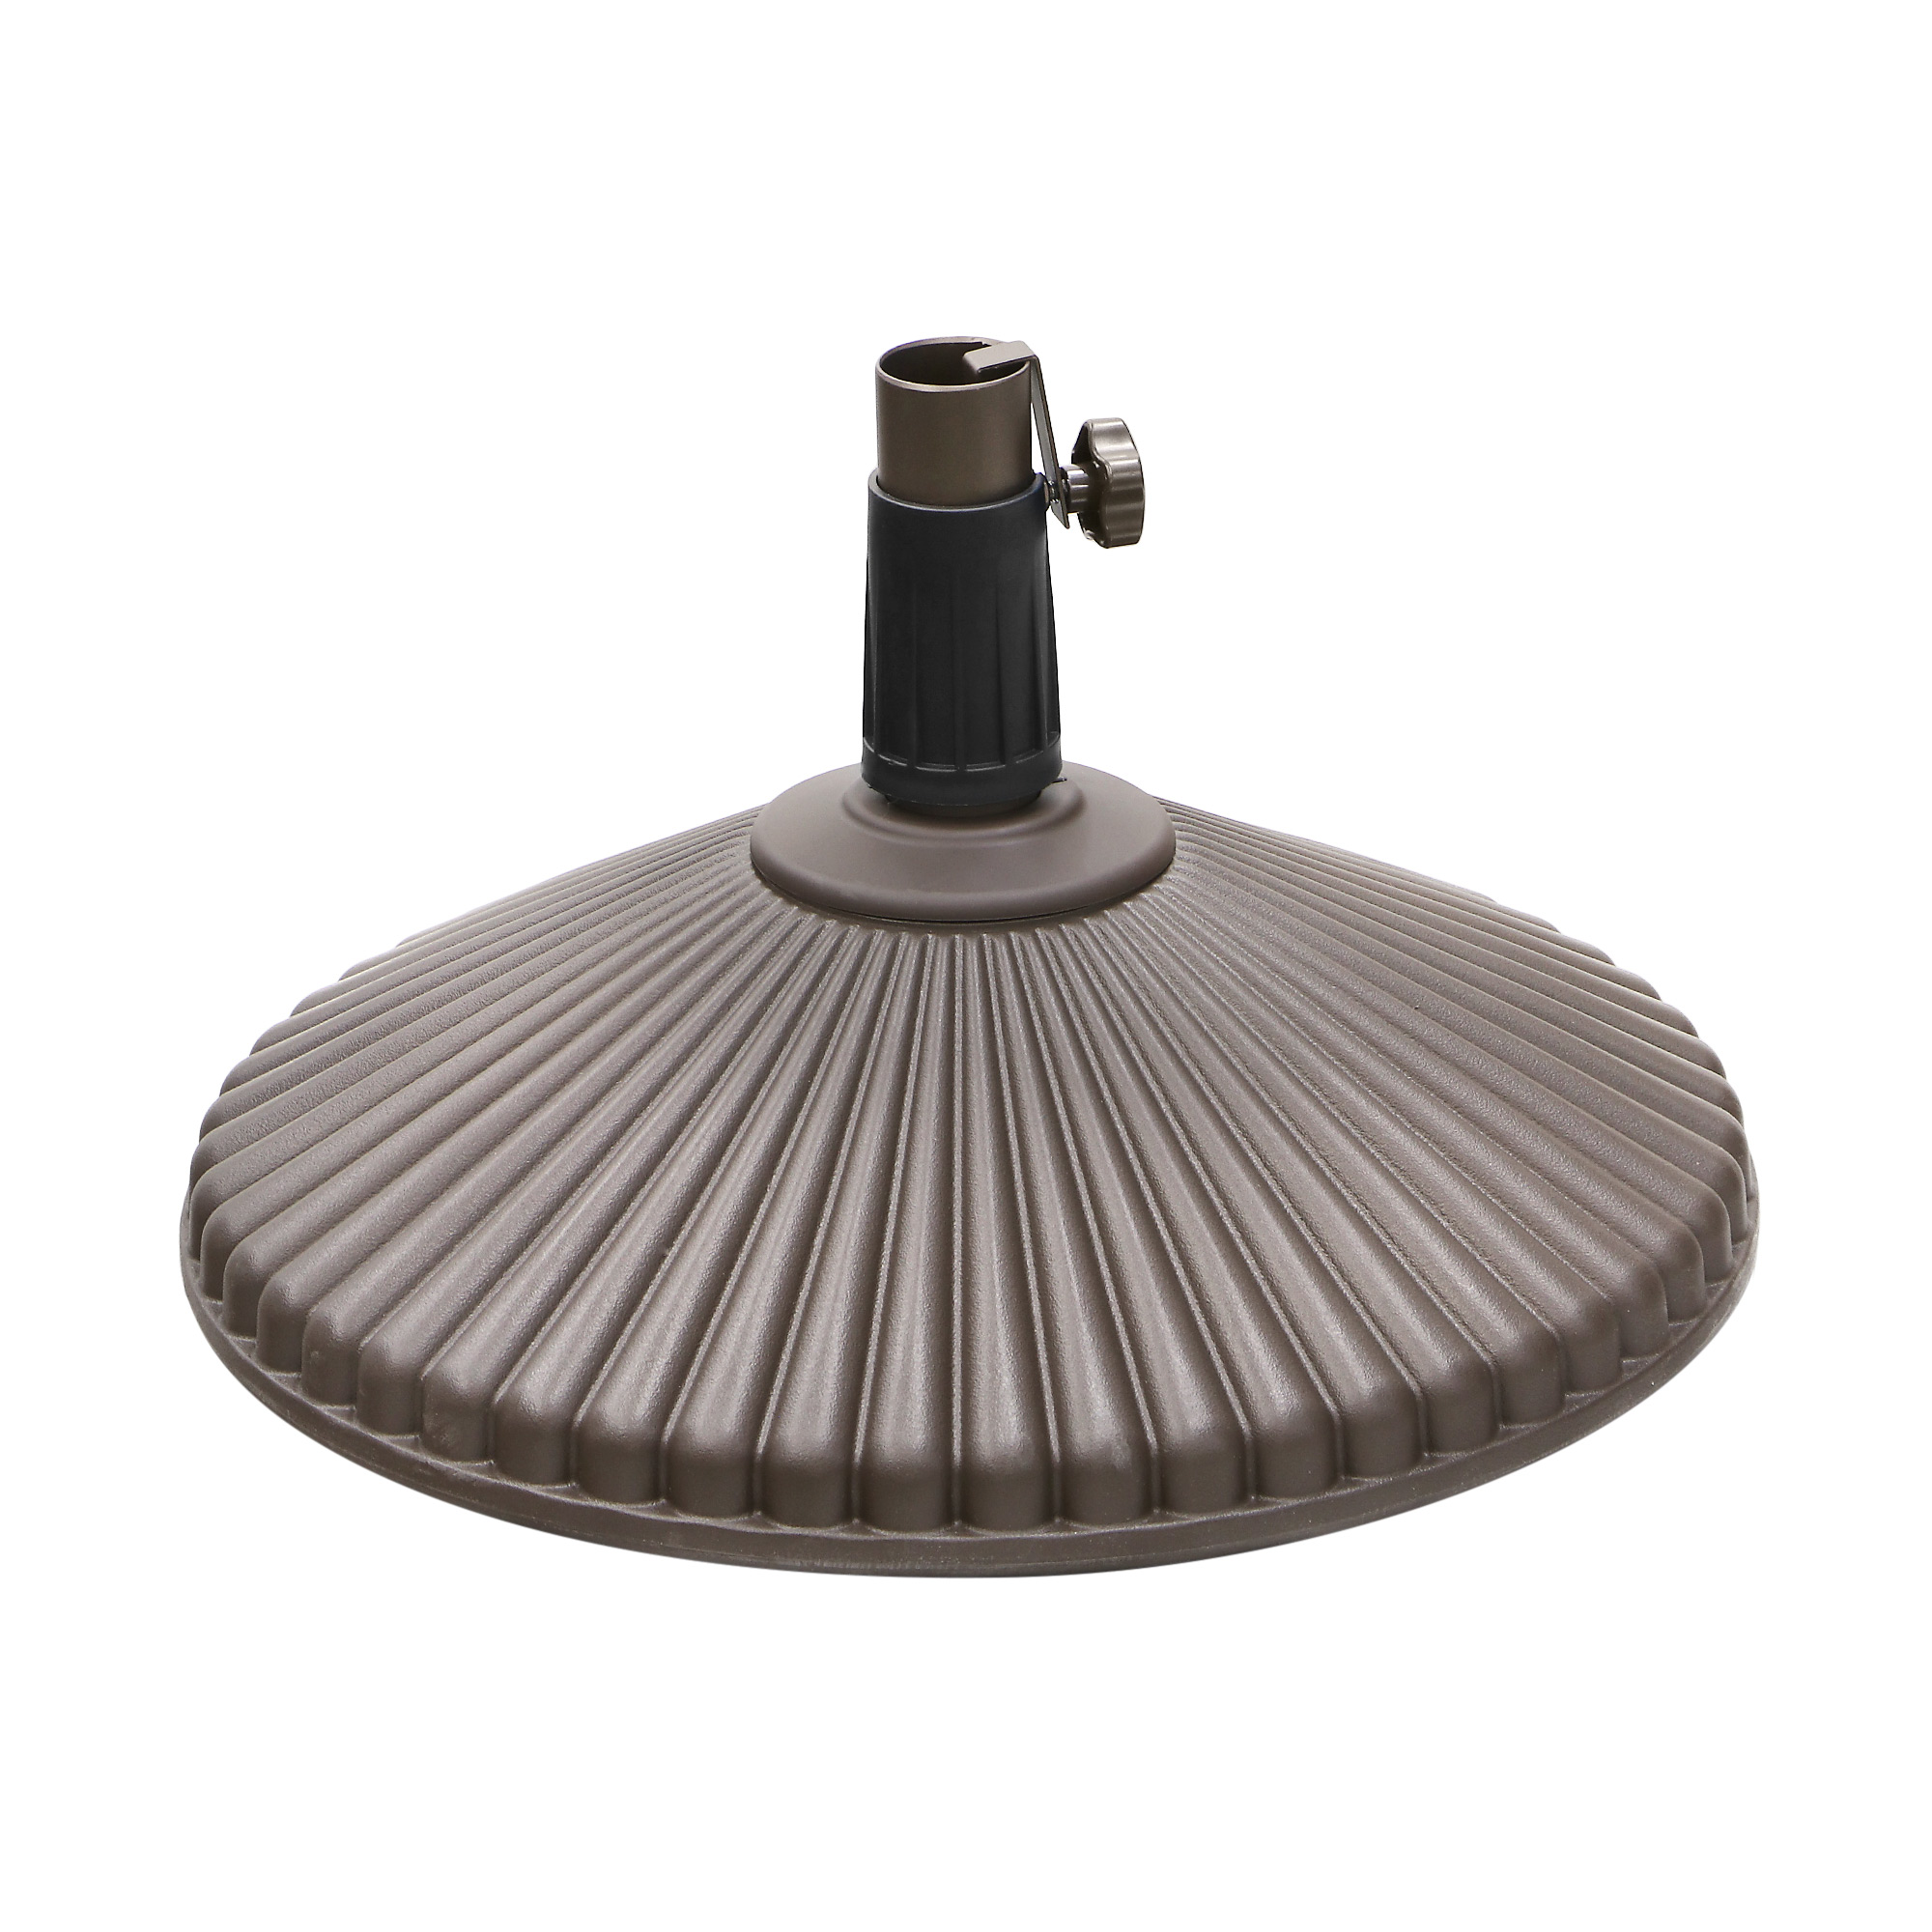 Основание для зонта пластиковое Zhengte д.59см абнетт д основание